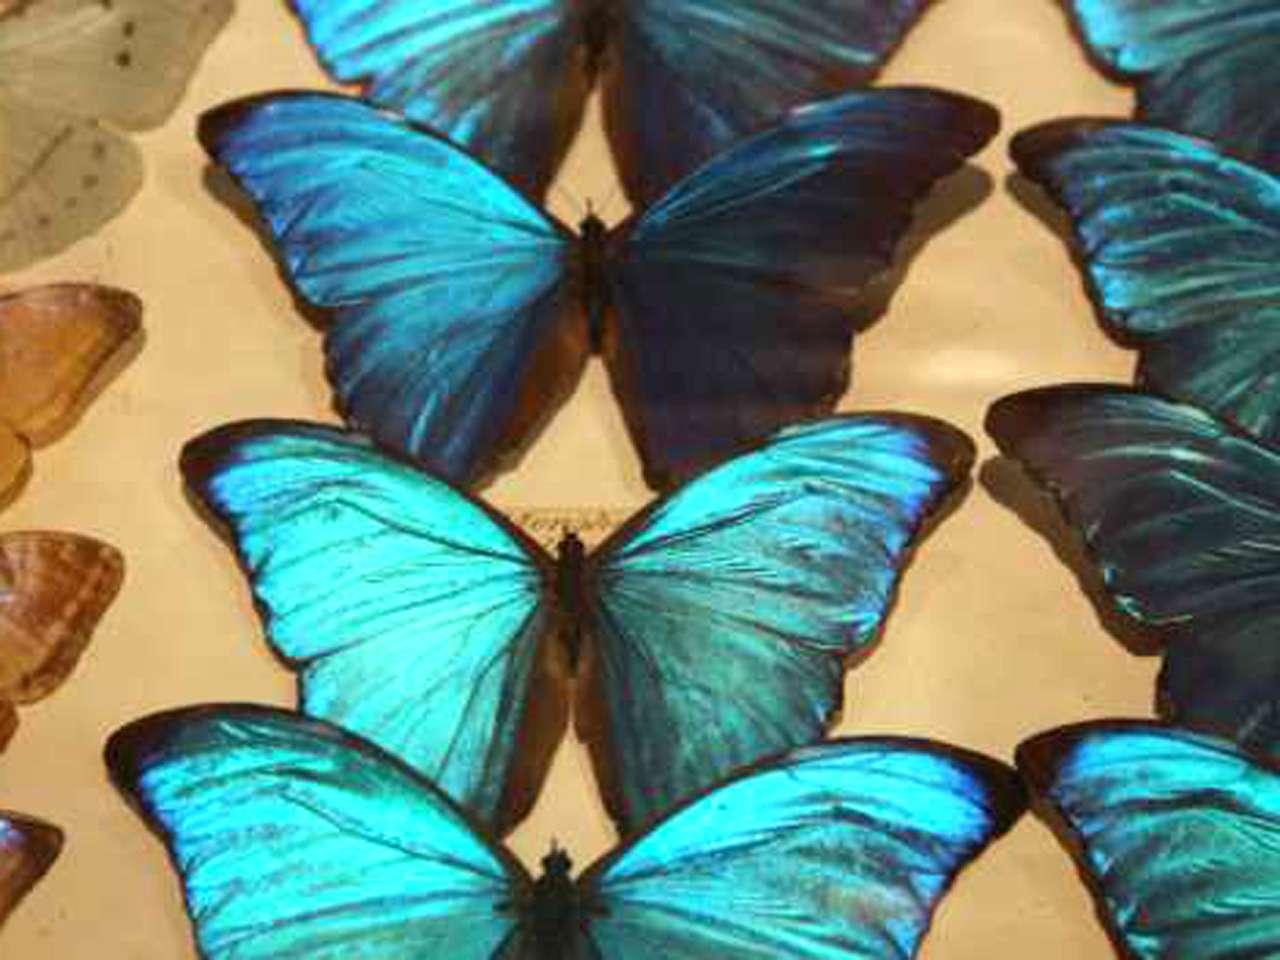 Las capas desordenadas de cristales crean un efecto tornasolado en las mariposas. Foto: BBCMundo.com